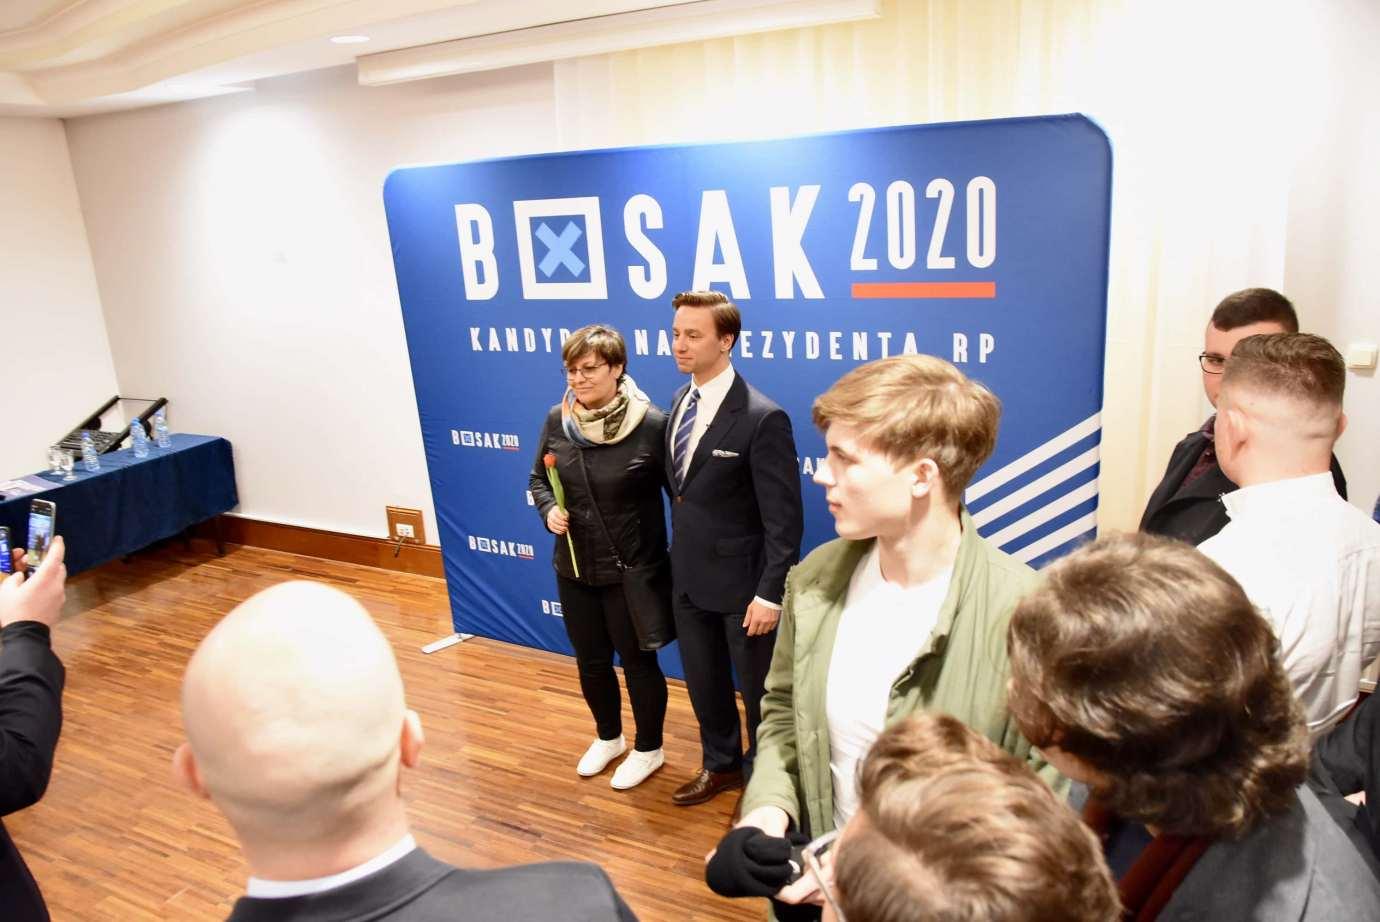 dsc 6711 Krzysztof Bosak w Zamościu. Zdjęcia i film